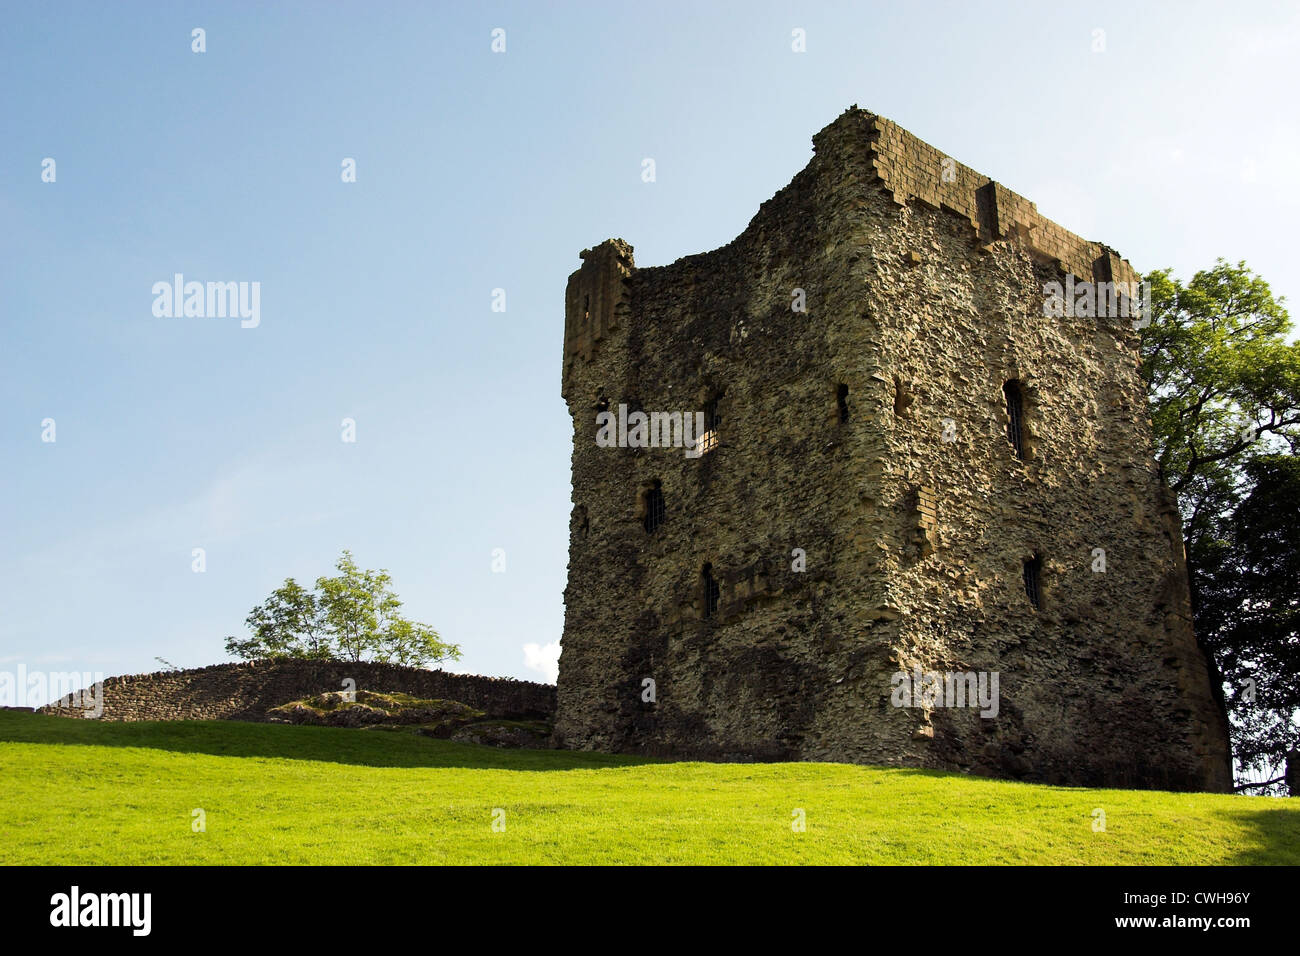 Castle ruins, Peveril Castle, Castleton, Peak District, Derbyshire, UK Stock Photo